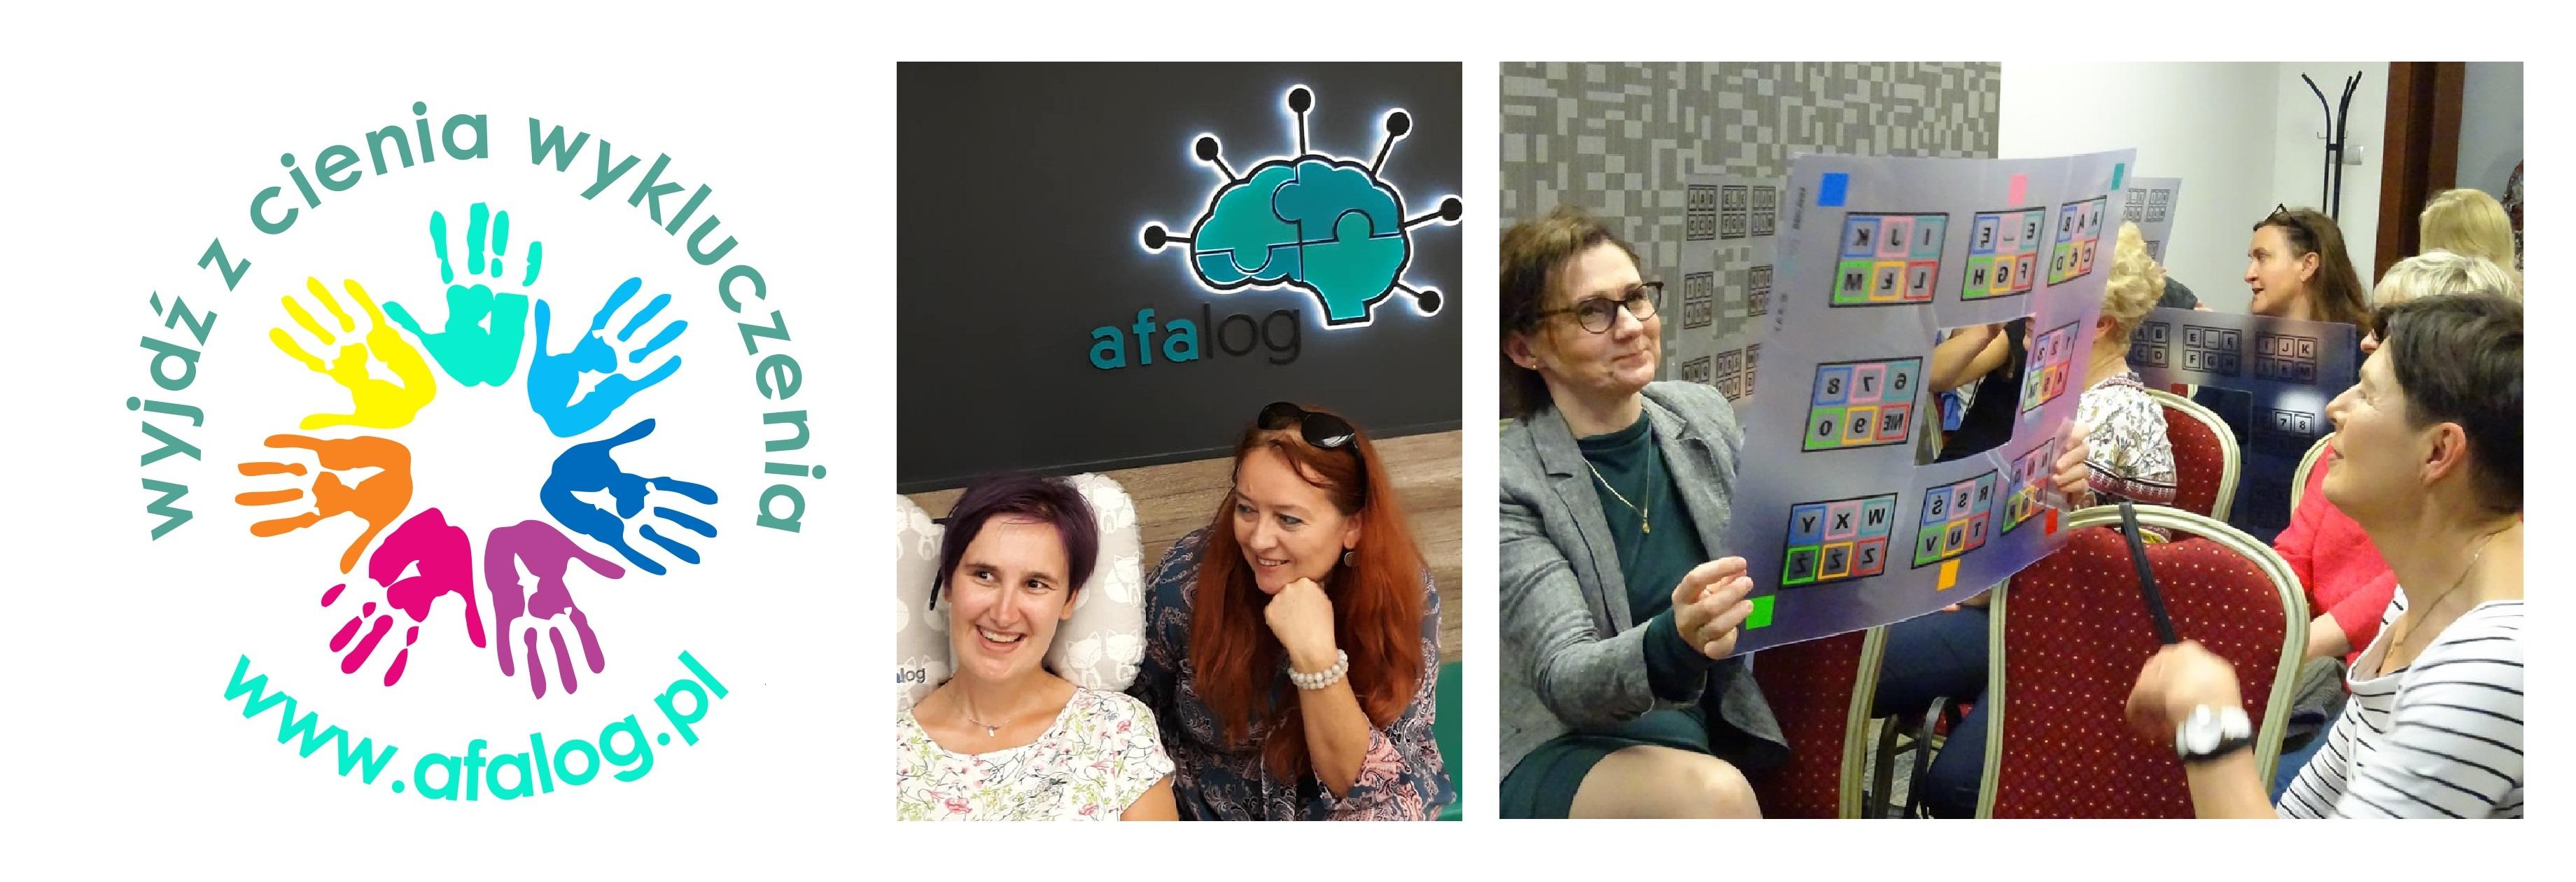 Październik miesiącem AAC – komunikacja alternatywna szansą dla osób z SLA, LIS, MPD i innymi zespołami neurologicznymi